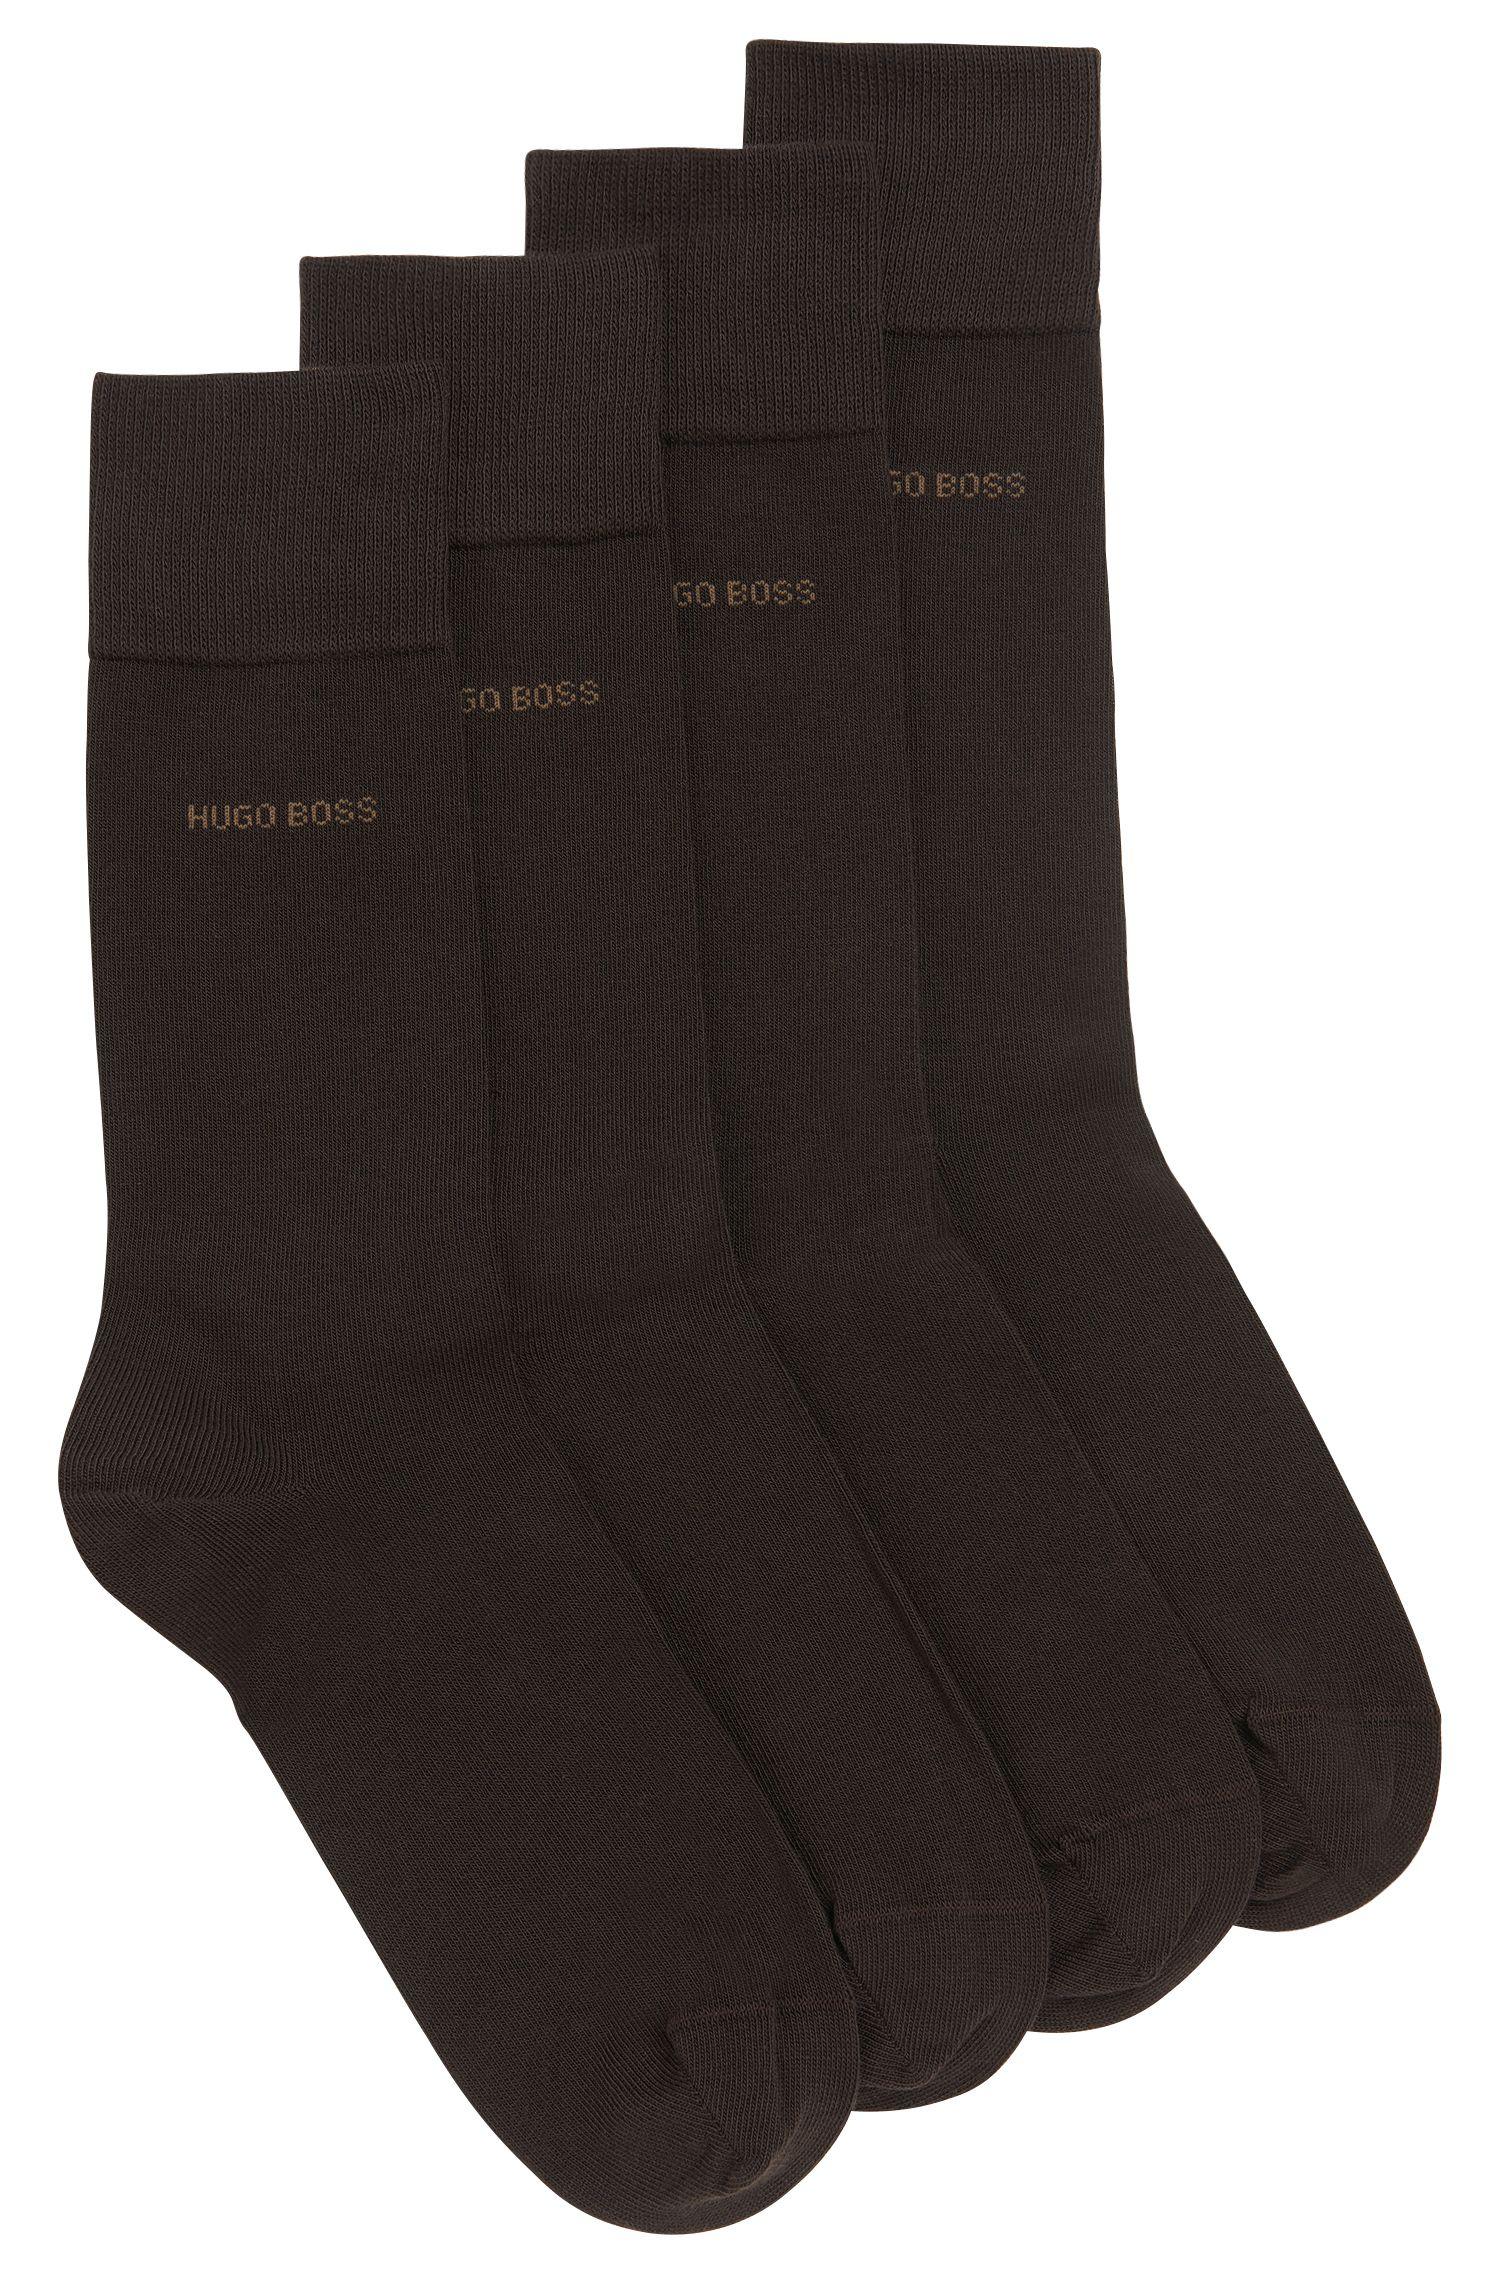 Two pack of regular-length cotton blend socks